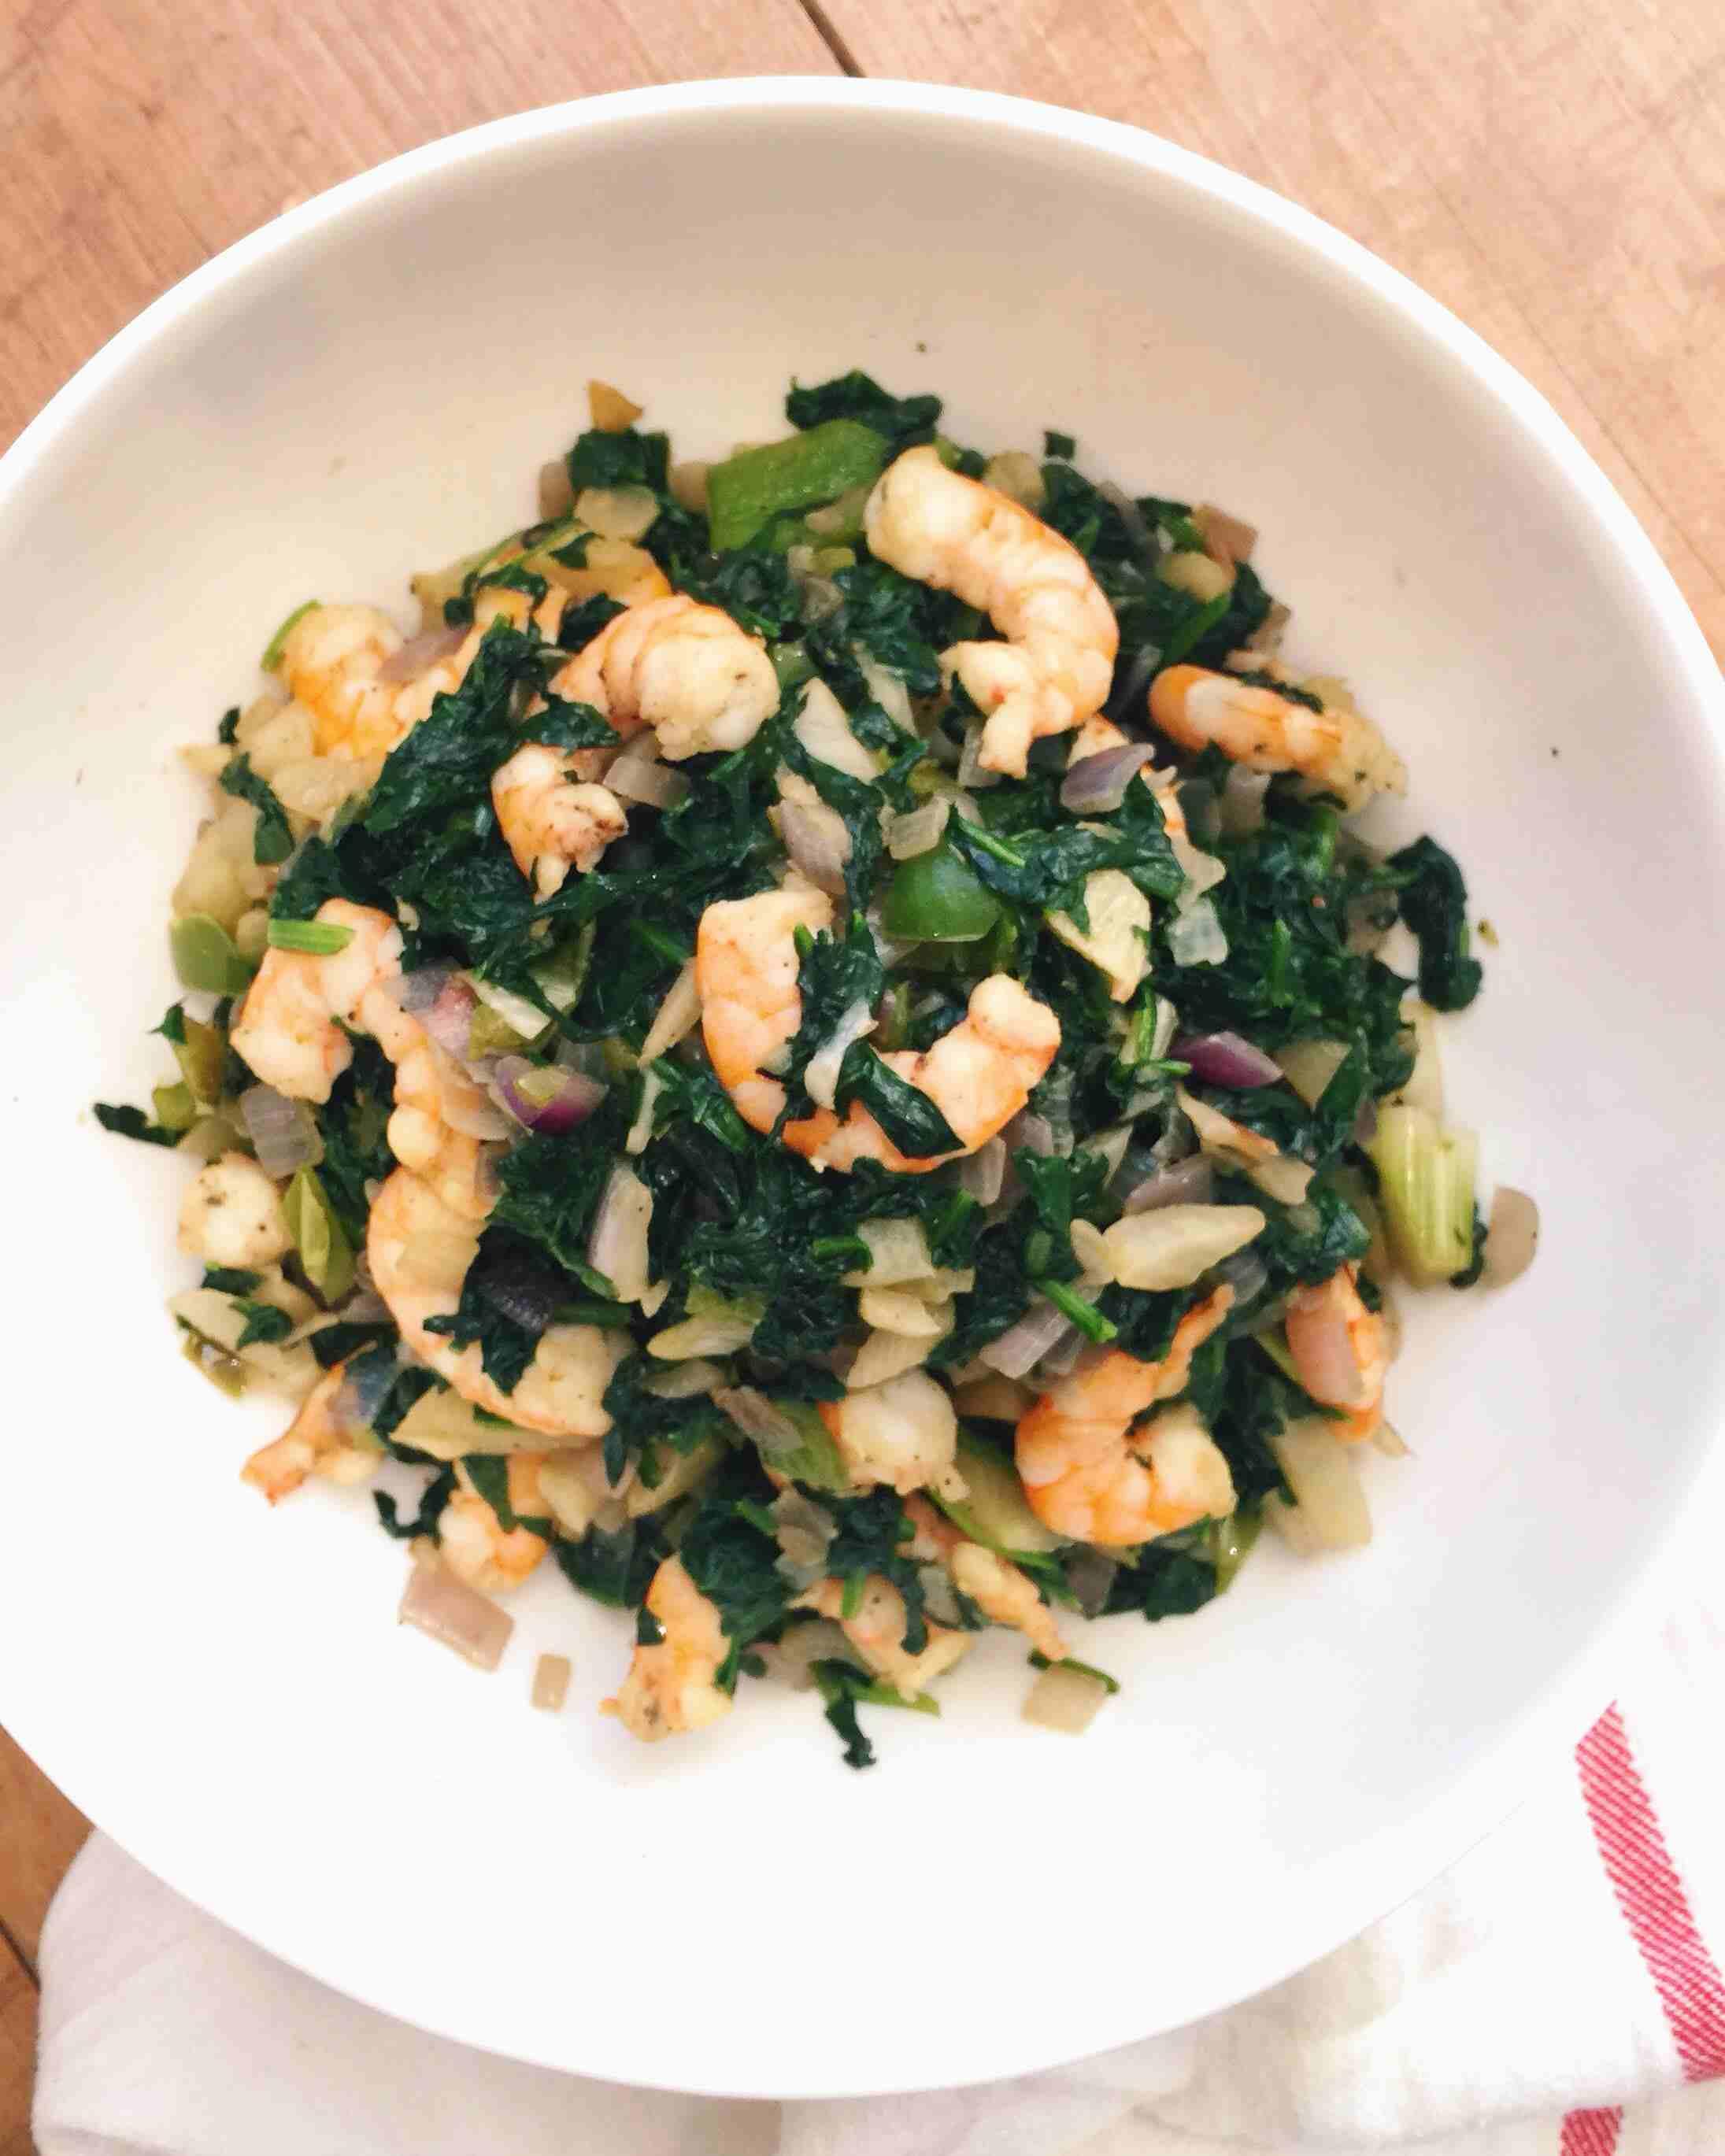 Shrimp and Greens Sauté